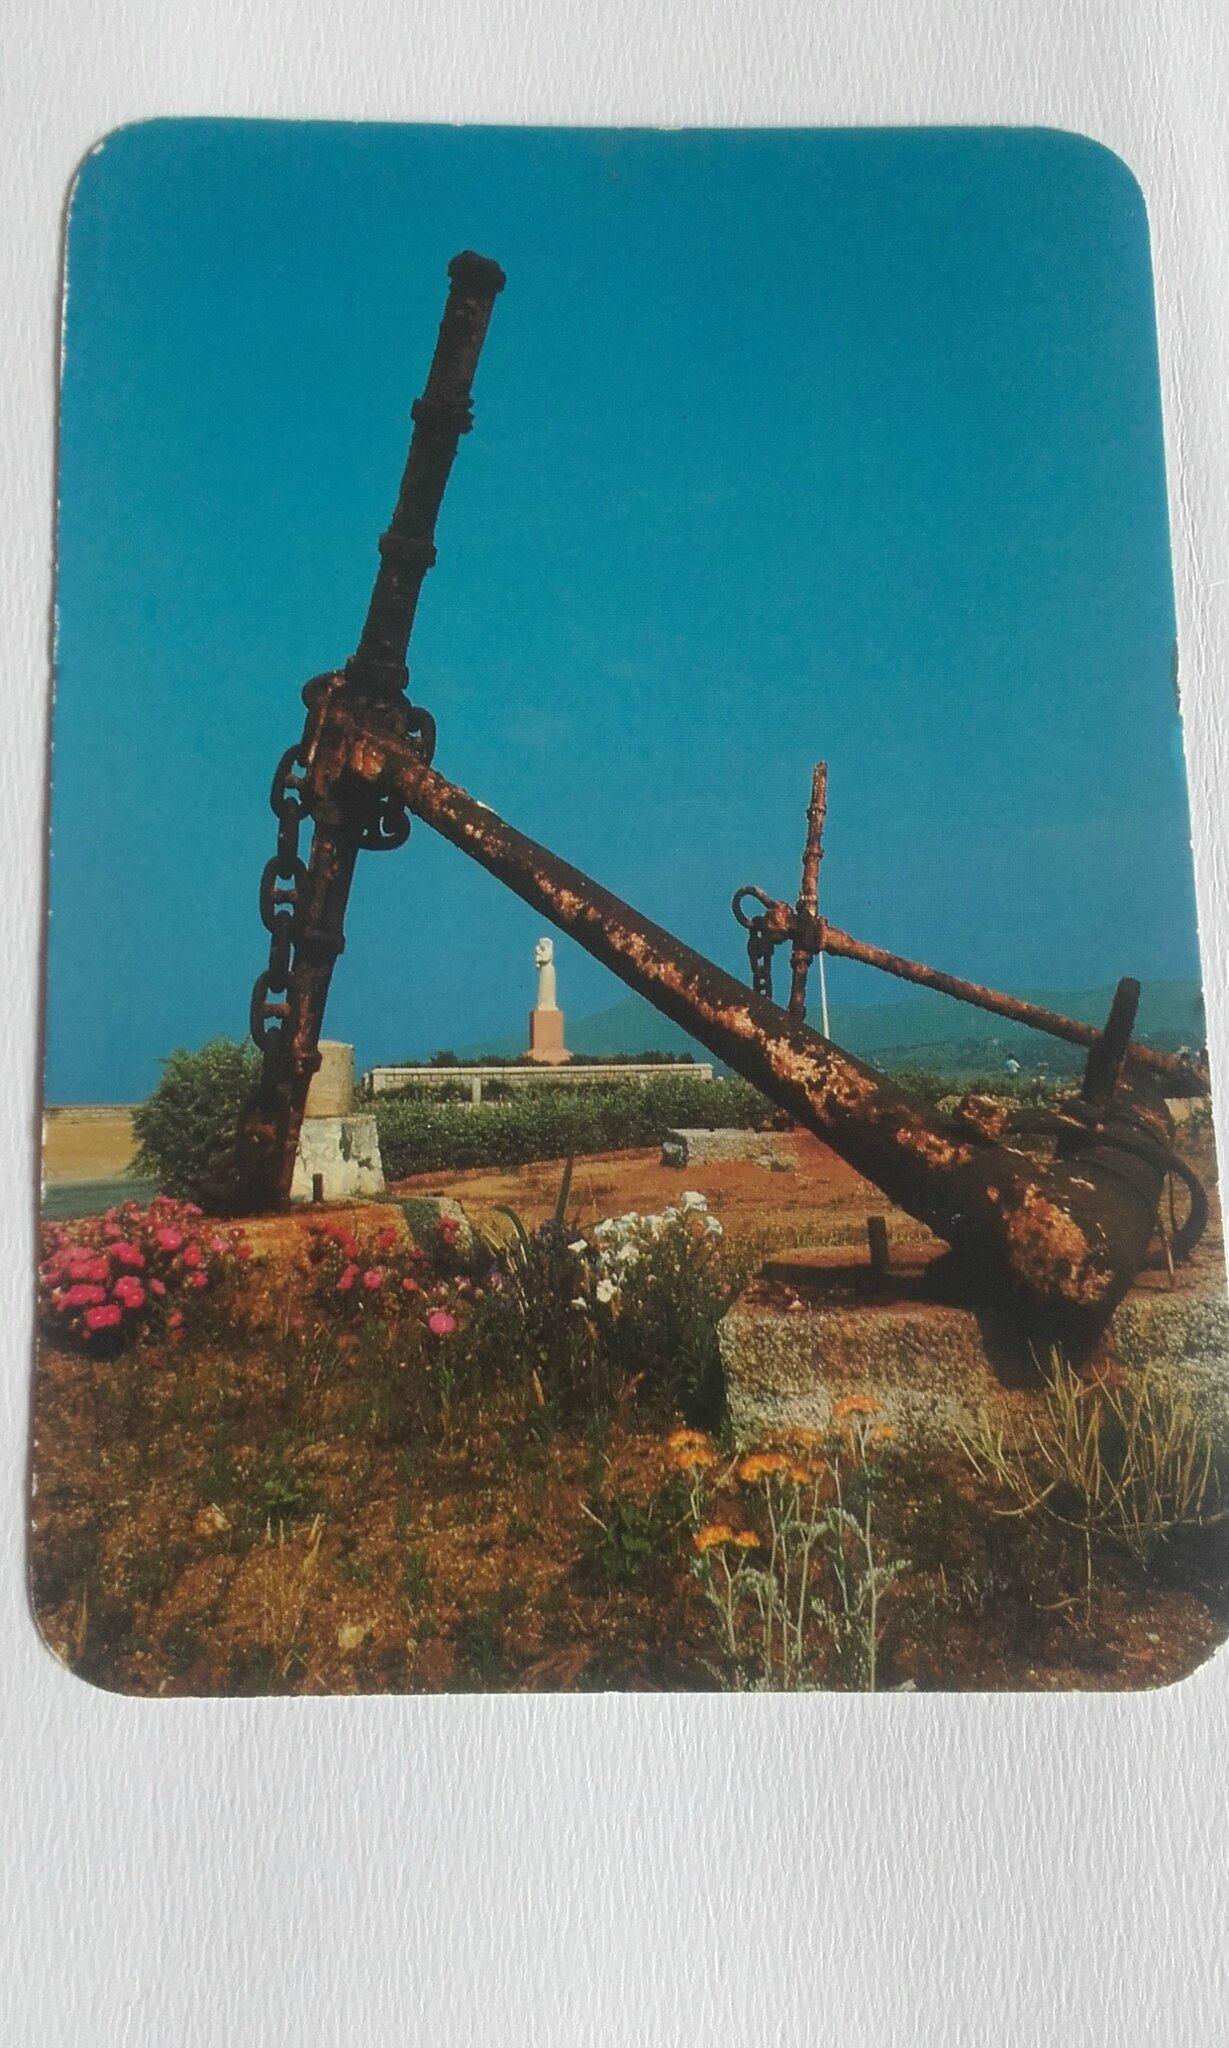 Ile Rousse le jardin public datée 1977